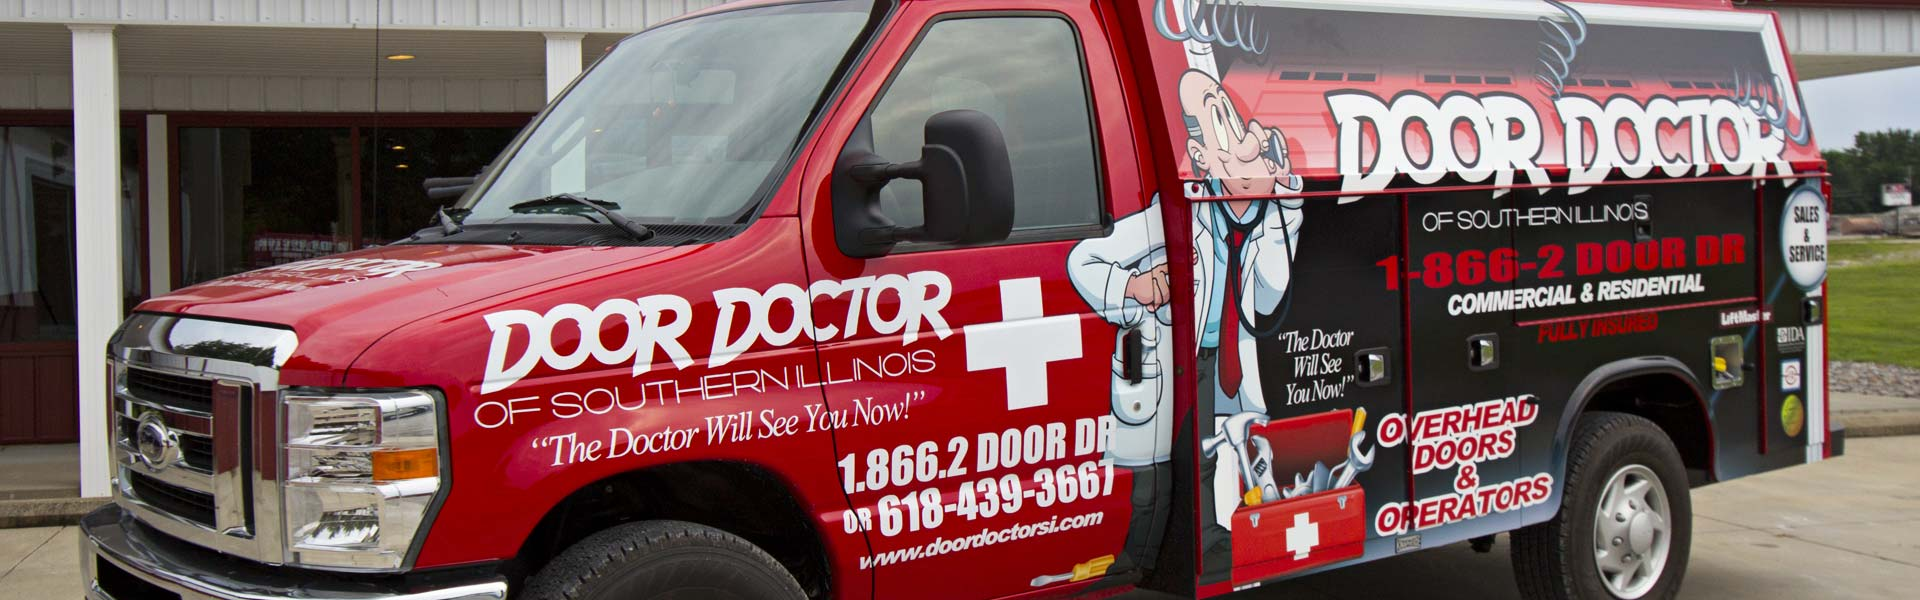 Attrayant Door Doctor Of Southern Illinois   Garage Doors In Benton, IL